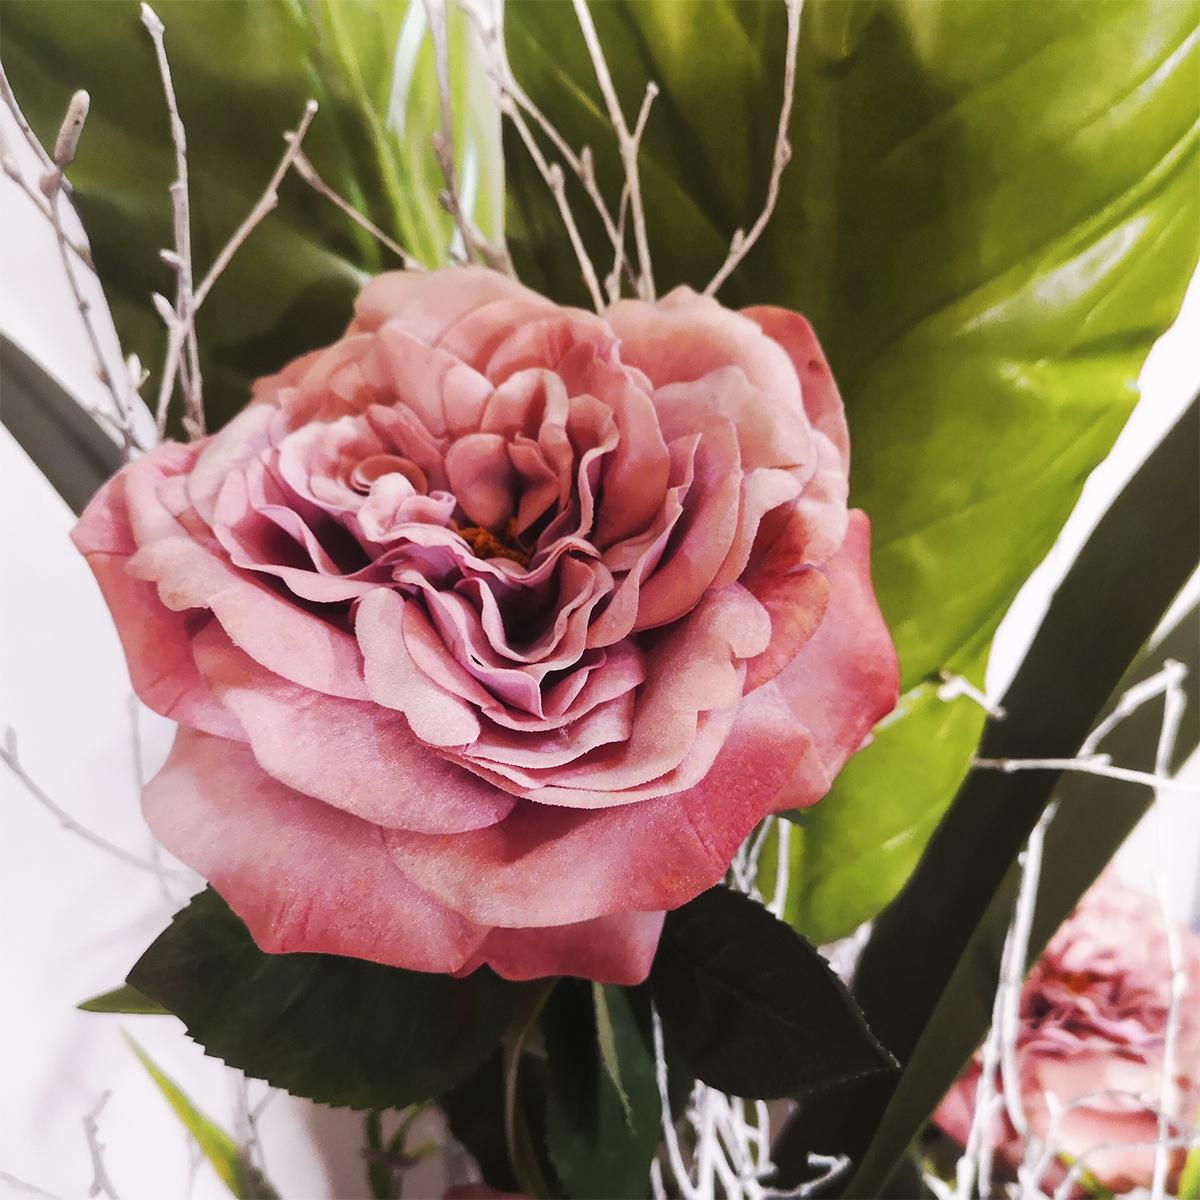 Centro madera y rosas vintage.